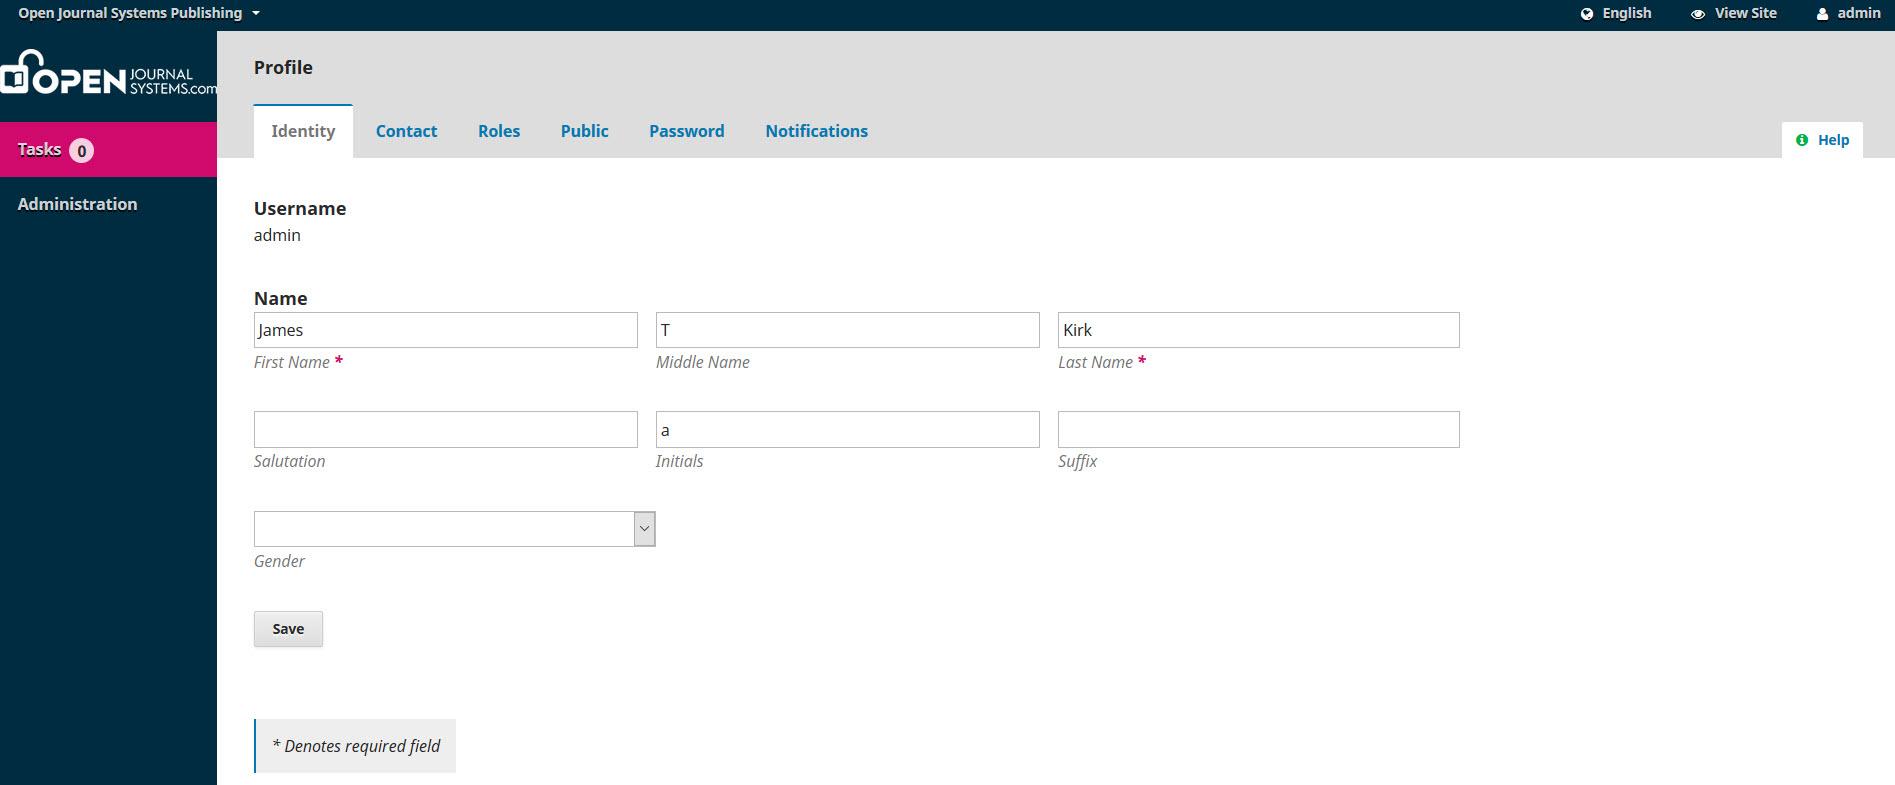 ojs3-view-profile-dashboard